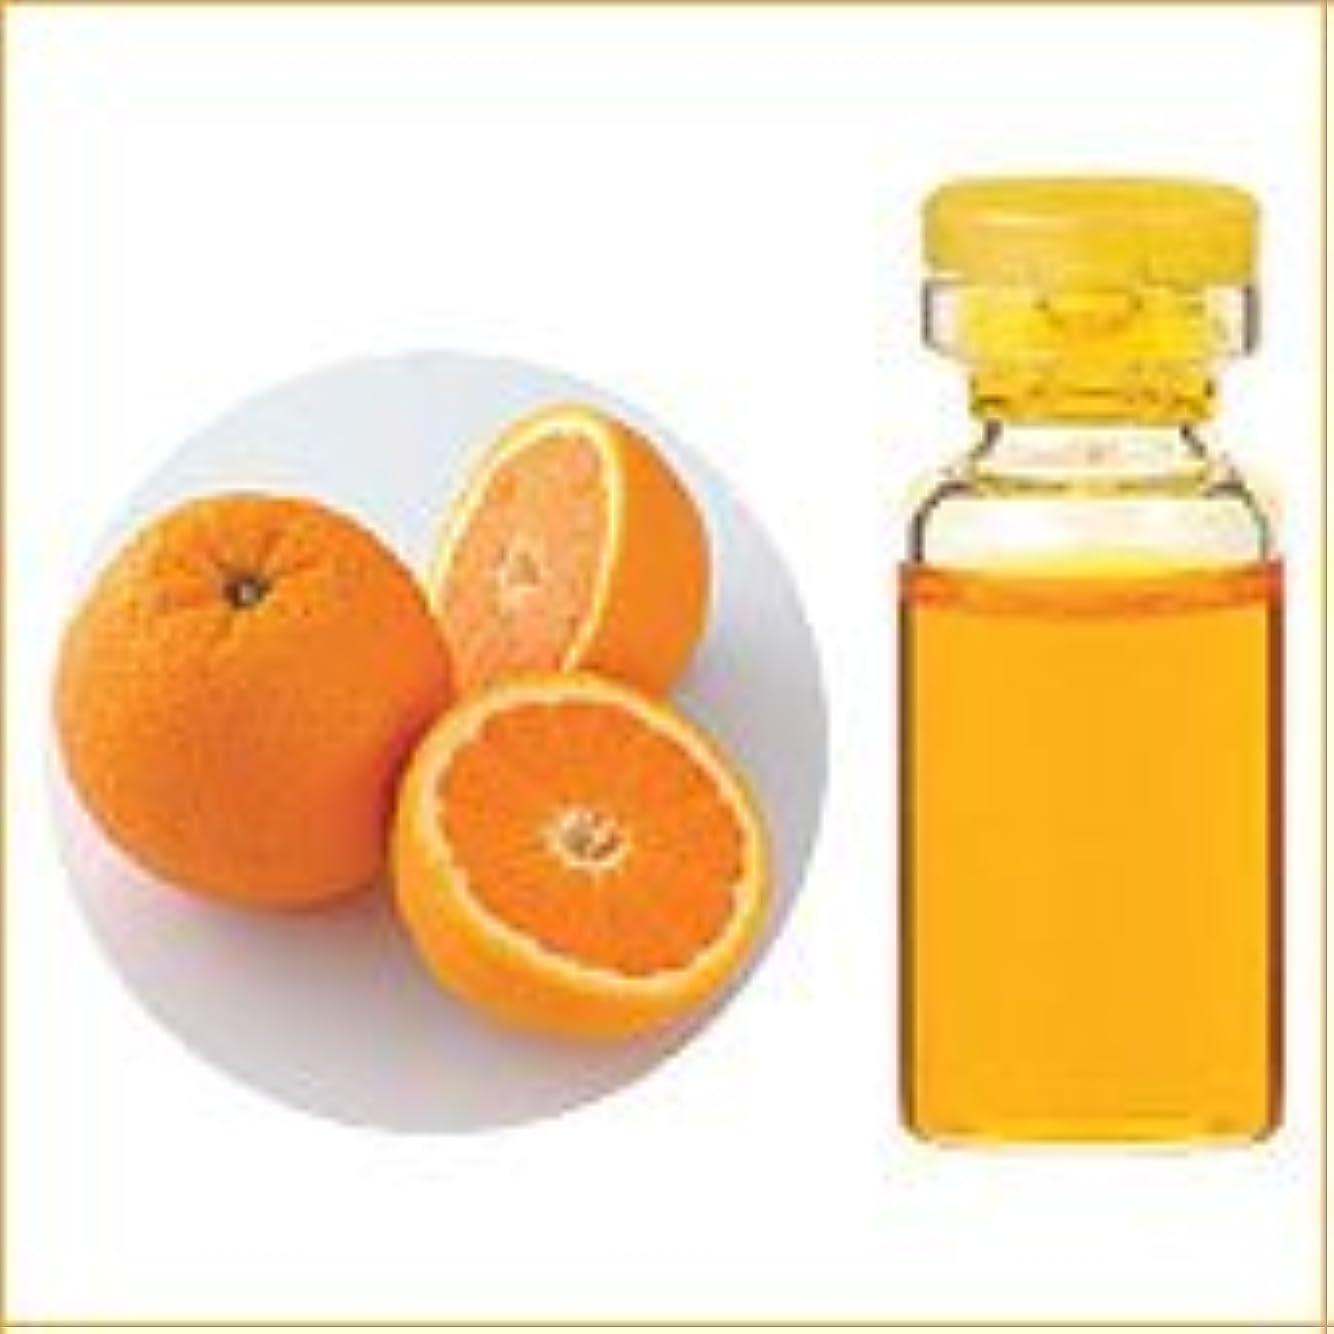 破裂ビザボンド【生活の木】オレンジスイート 10mL